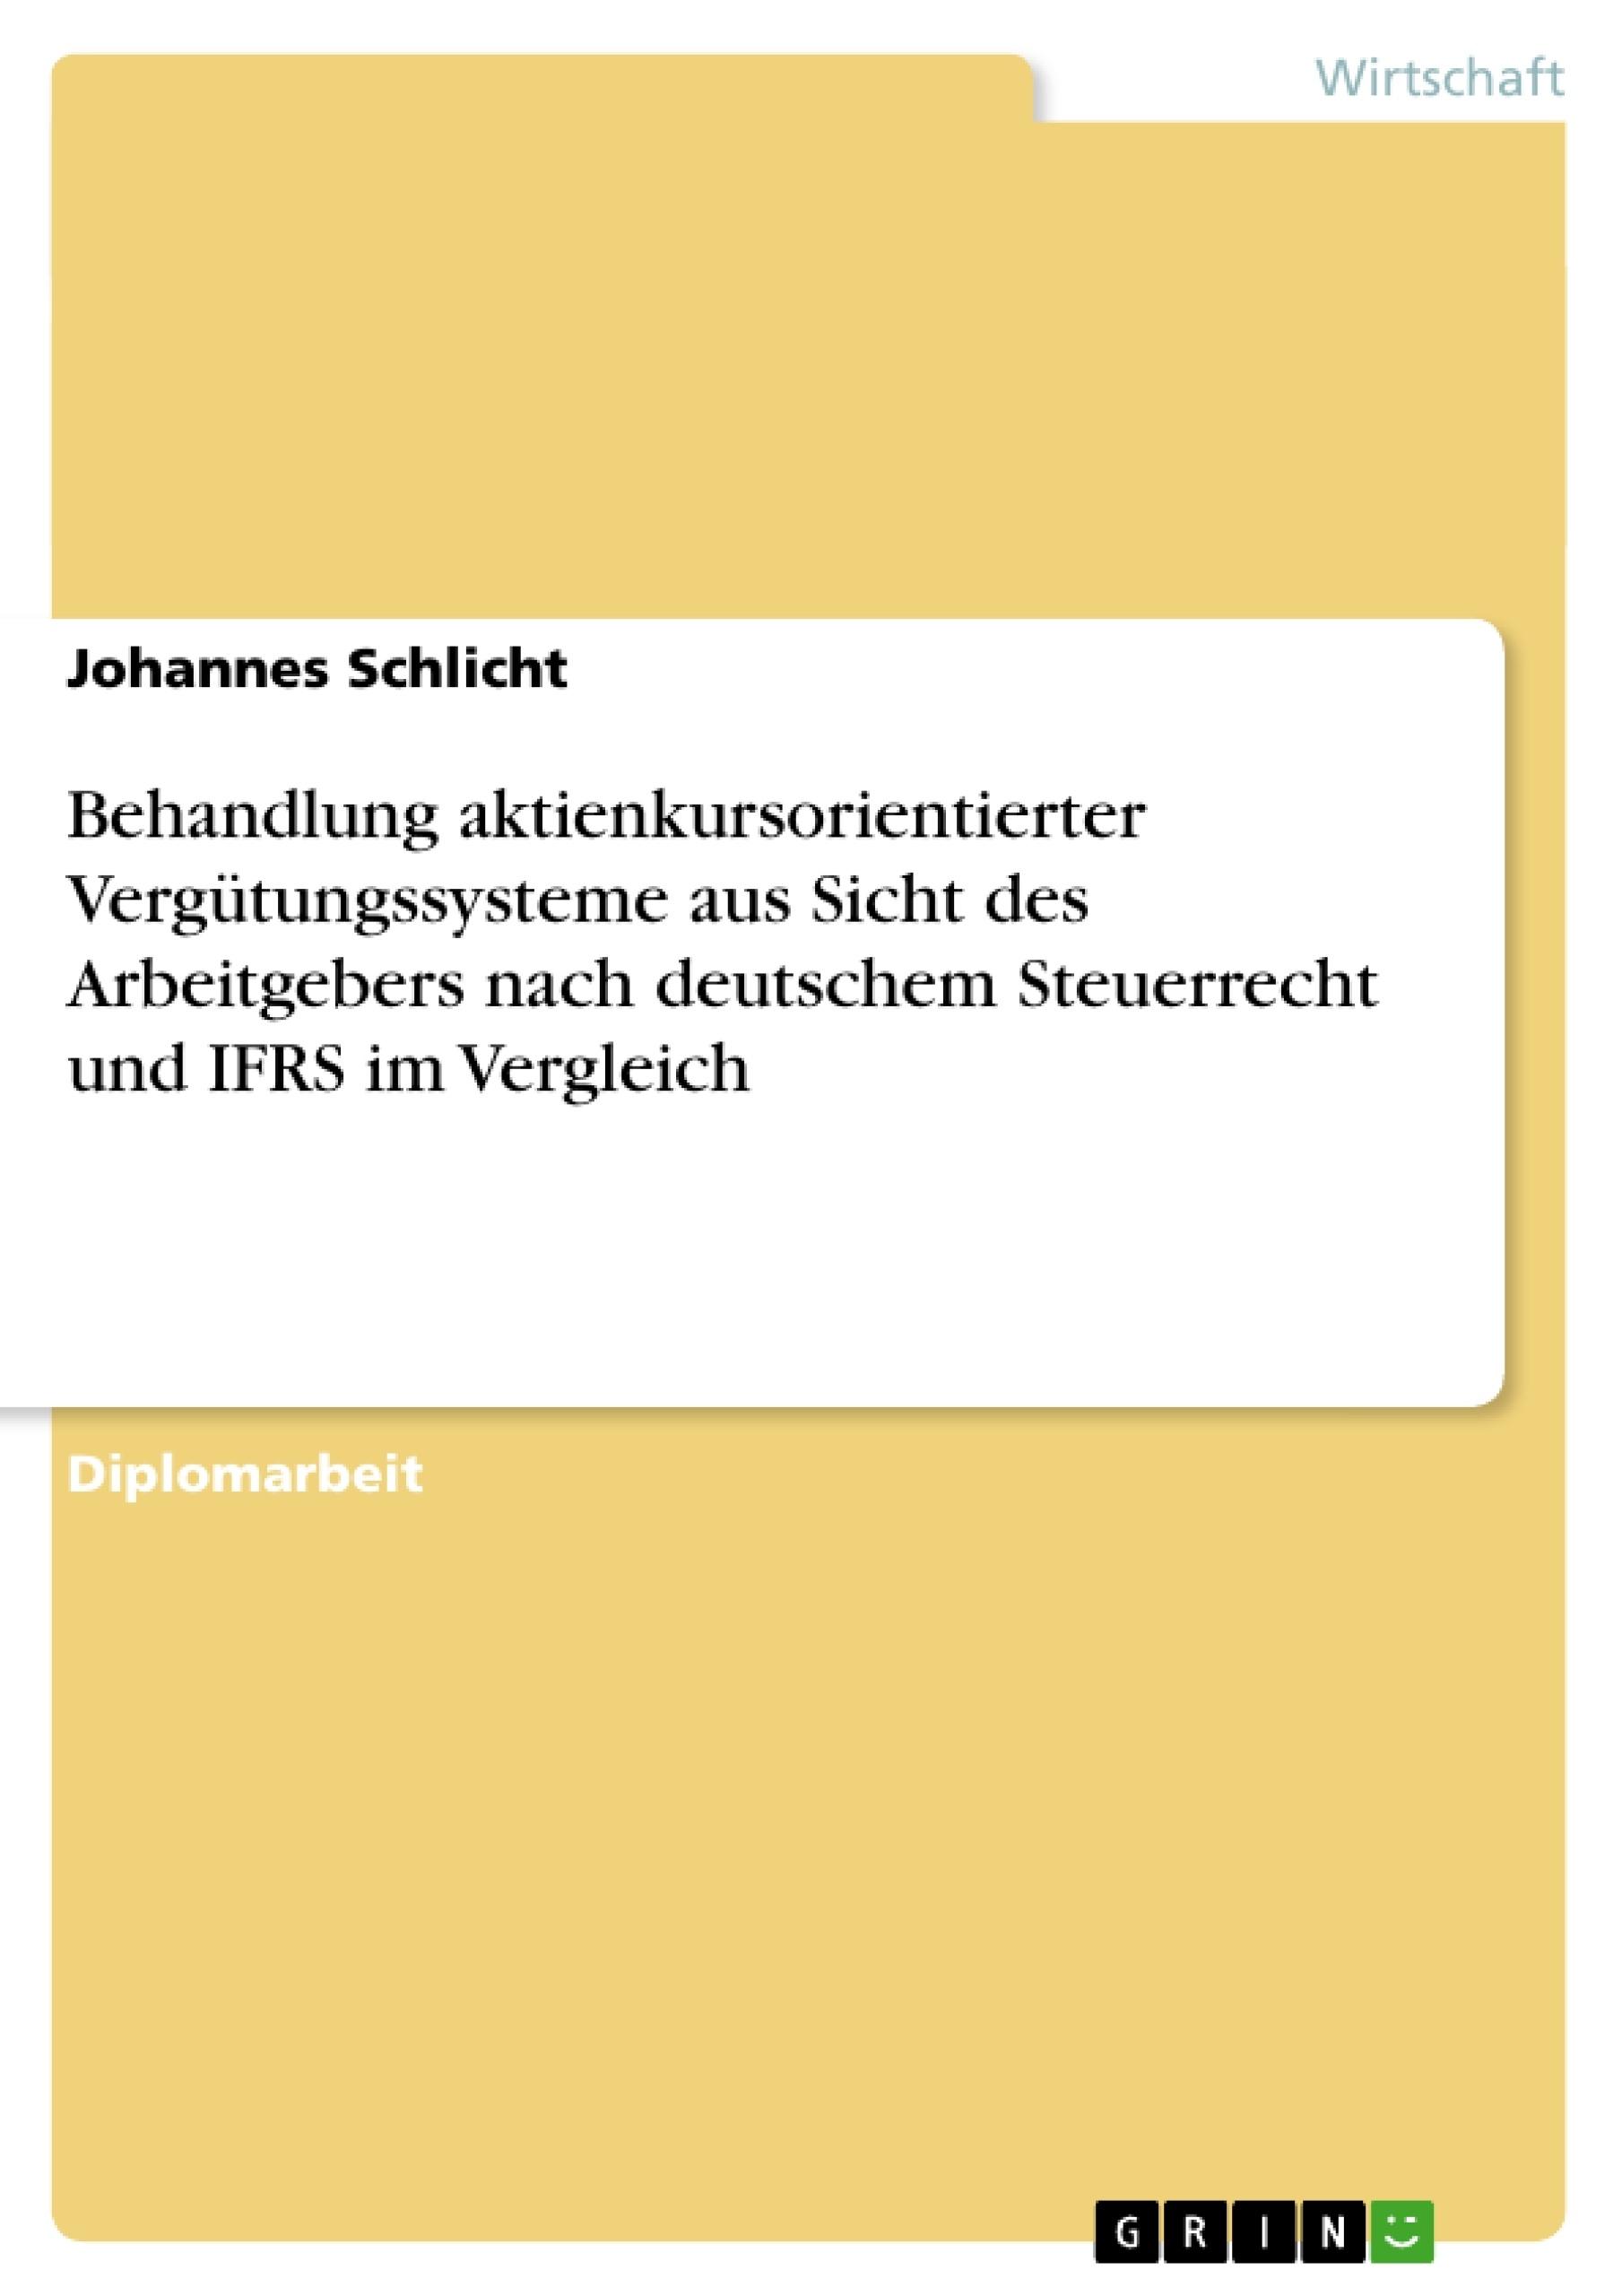 Titel: Behandlung aktienkursorientierter Vergütungssysteme aus Sicht des Arbeitgebers nach deutschem Steuerrecht und IFRS im Vergleich